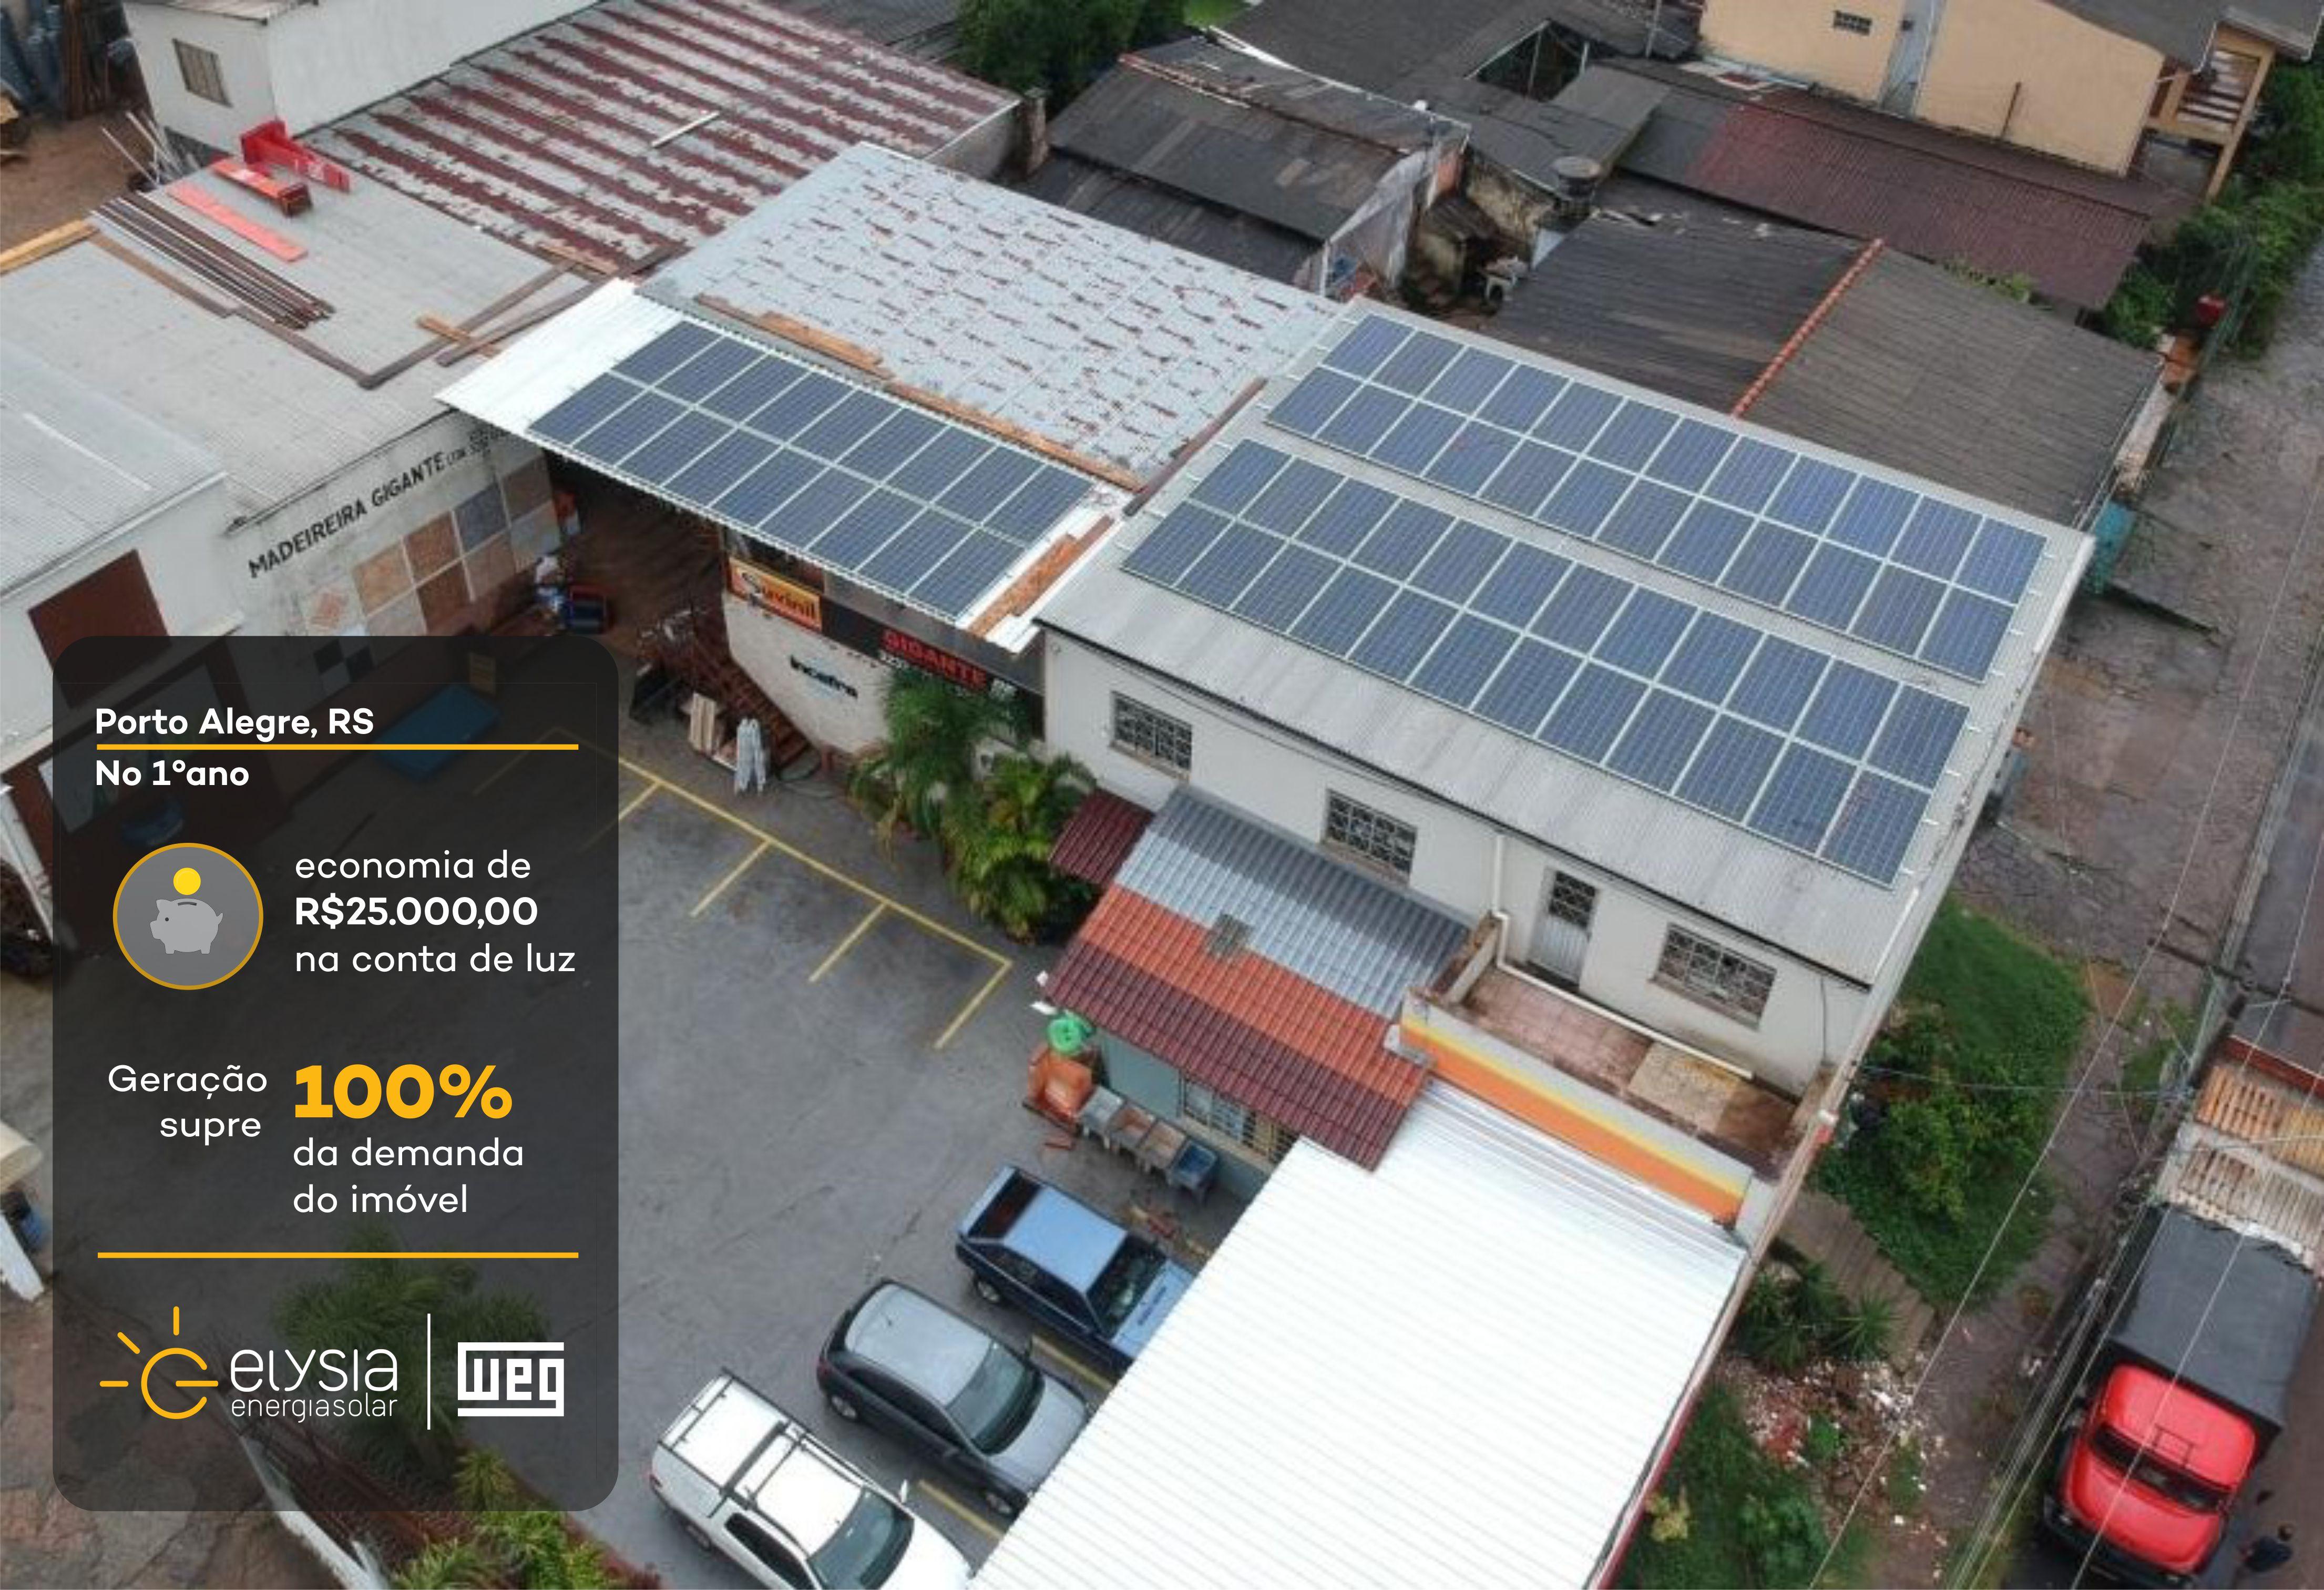 Sistema fotovoltaico comercial - Elysia energia solar porto alegre